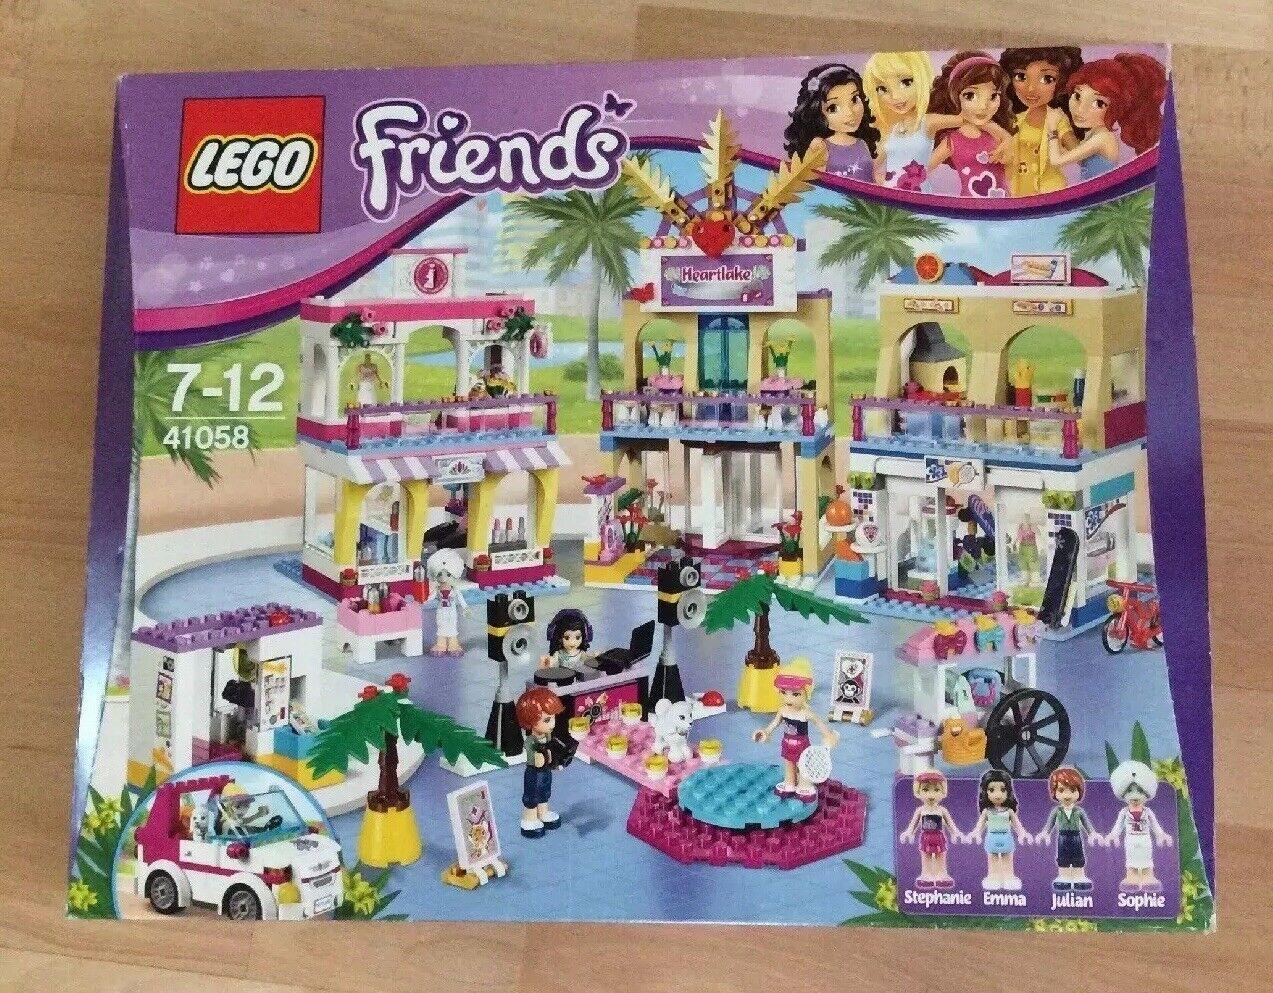 profitto zero LEGO 41058 Heartlake centro centro centro commerciale NUOVO E SIGILLATO in pensione  negozio di sconto